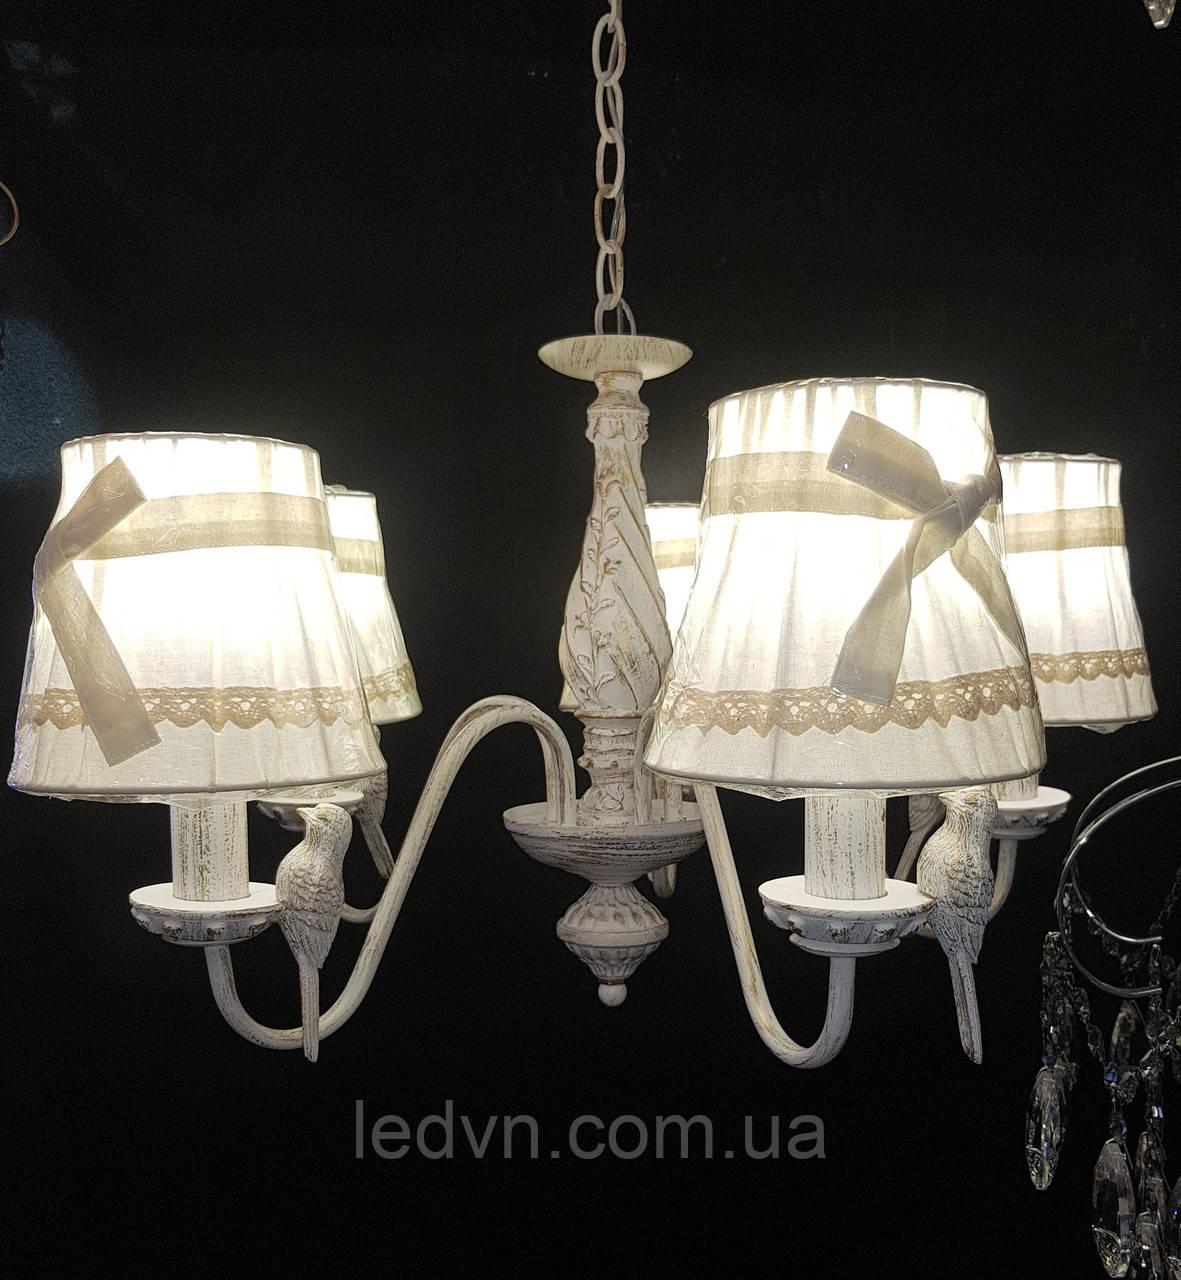 Классическая подвесная люстра с тканевыми абажурами (Птички)На 5 лампочек